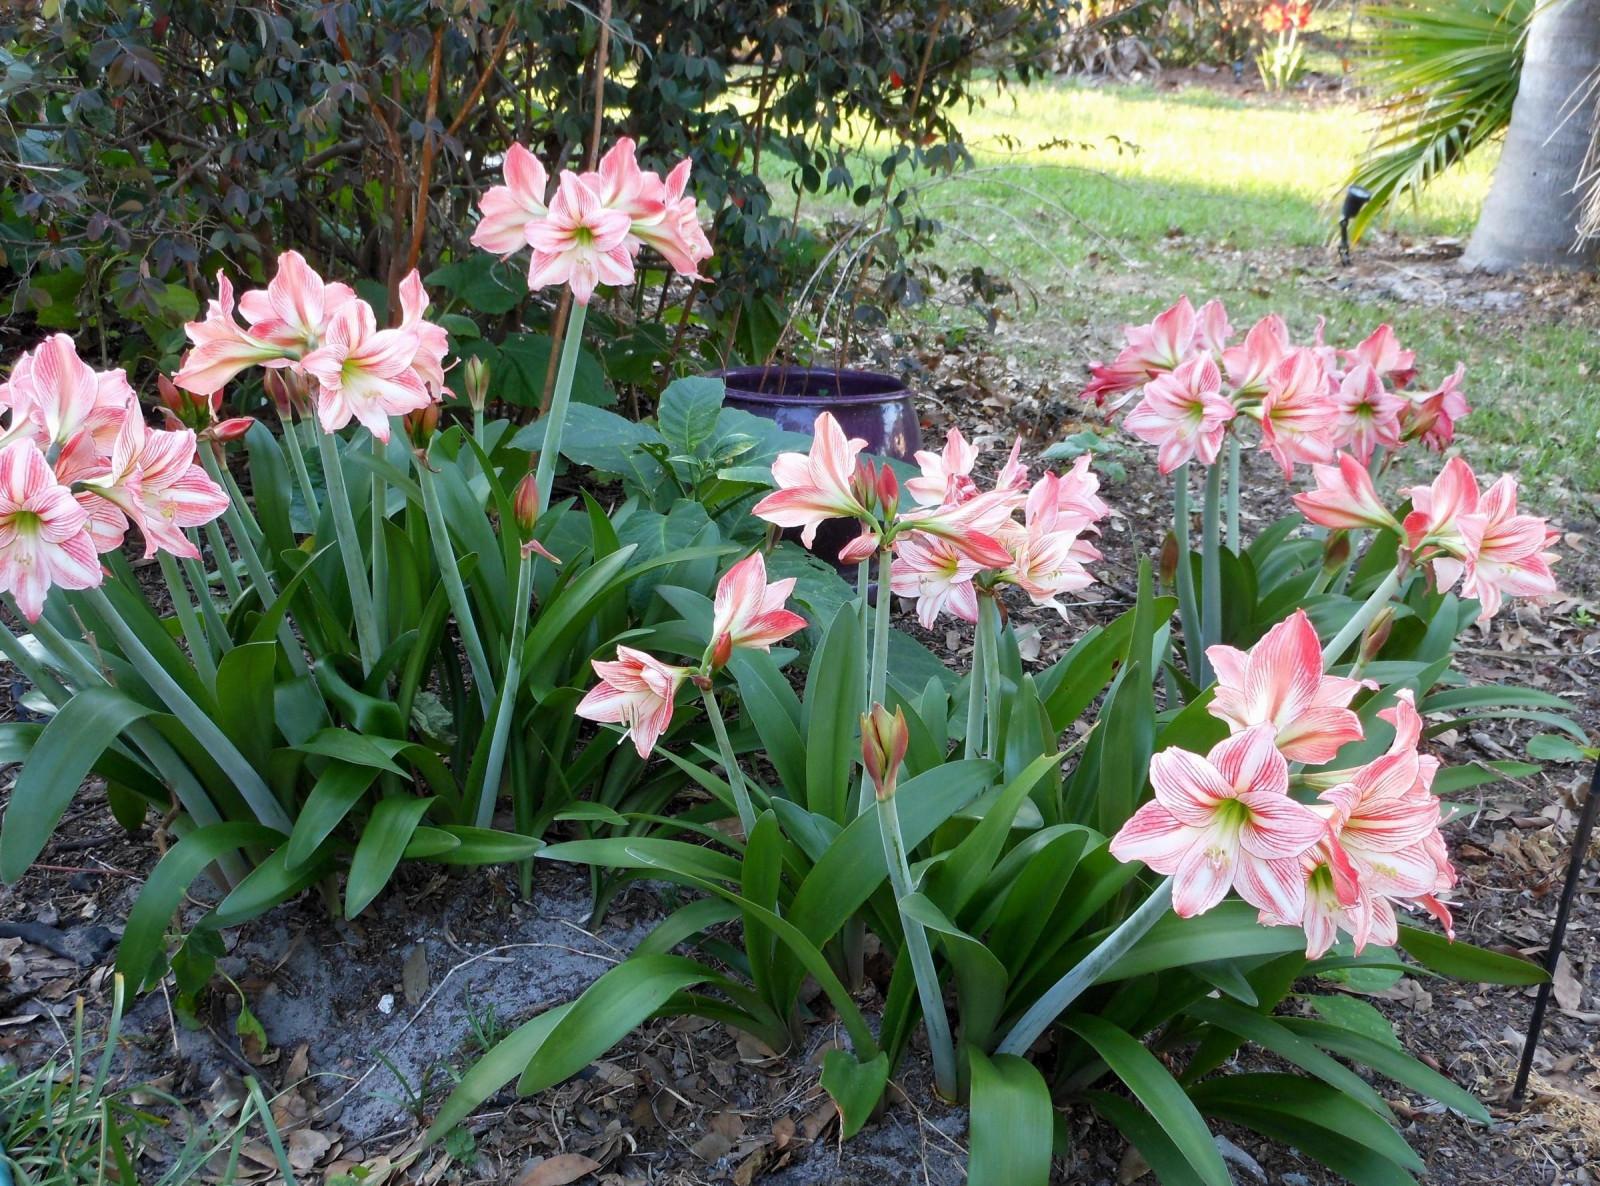 Image De Parterre De Fleurs fond d'écran : jardin, parc, vert, fleur, lis, parterre de